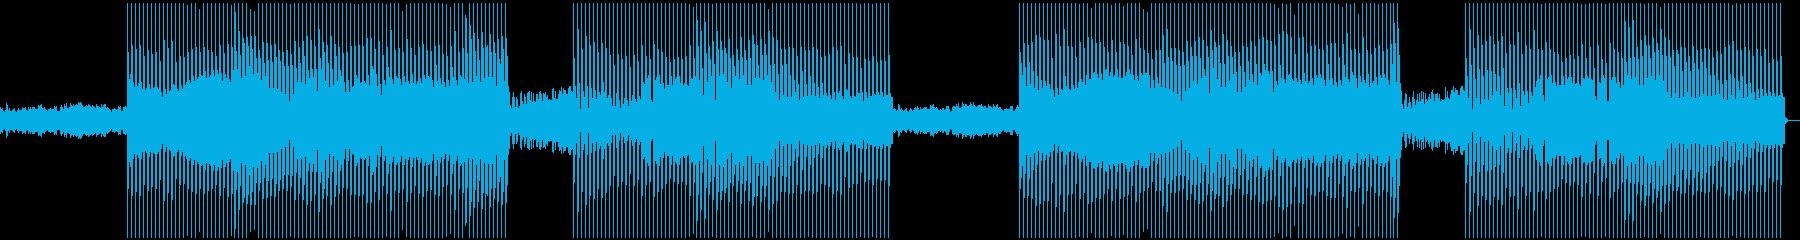 海をモチーフにした曲の再生済みの波形